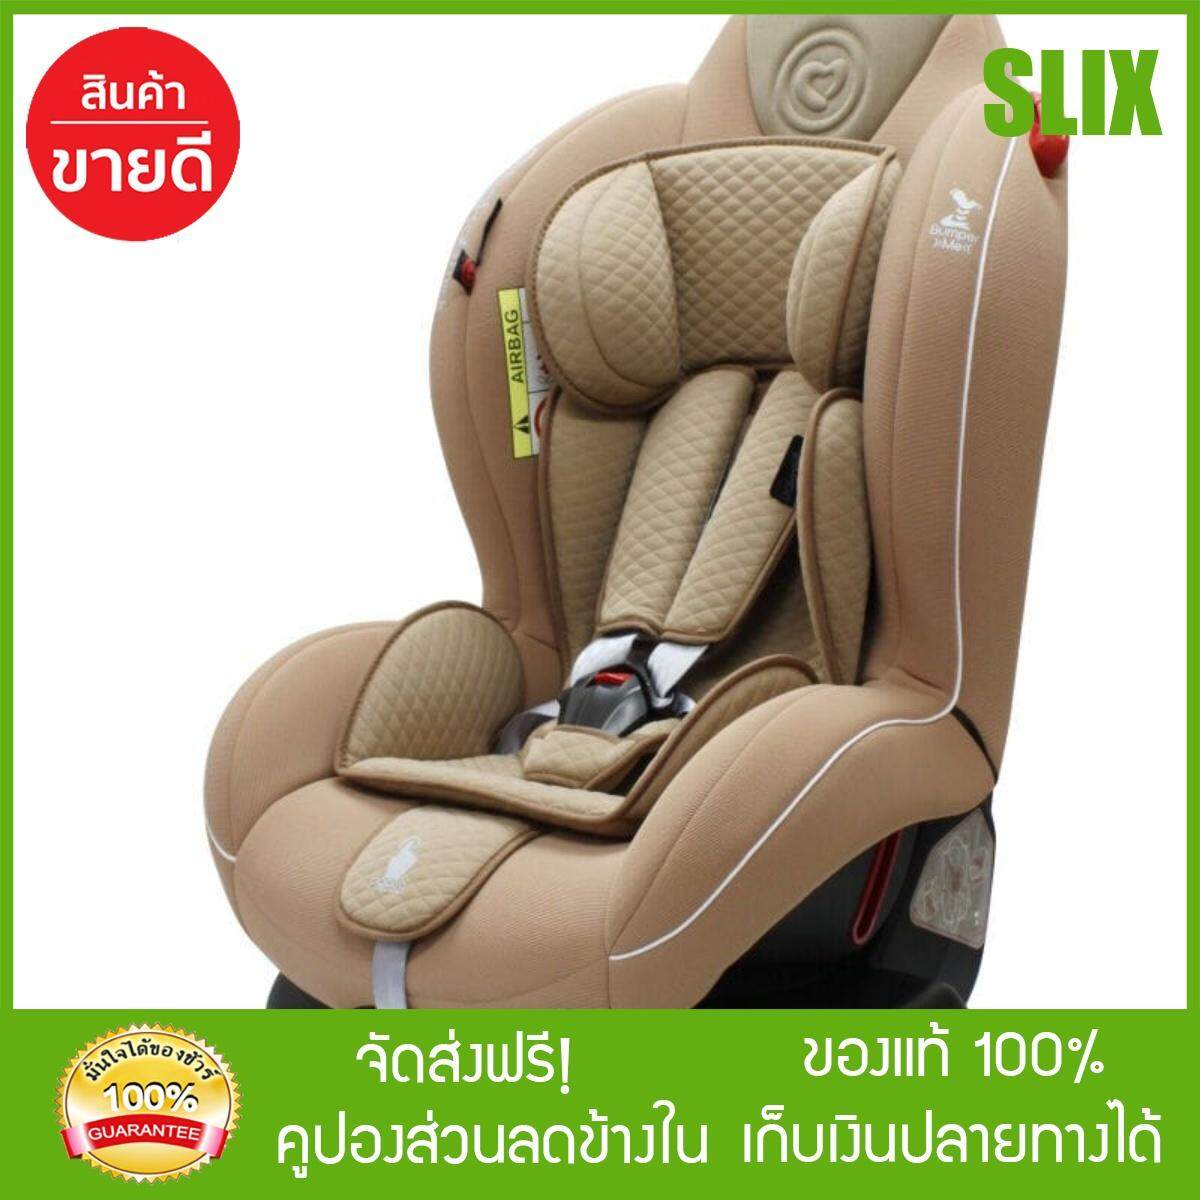 ลดสุดๆ [Slix]- เบาะติดรถผ้า+เบาะนิ่ม+HPกันศีรษะ bako-6 SE-thick กาแฟเบาะครีม คาร์ซีท คาร์ซีทเด็ก car seat ส่ง Kerry เก็บปลายทางได้